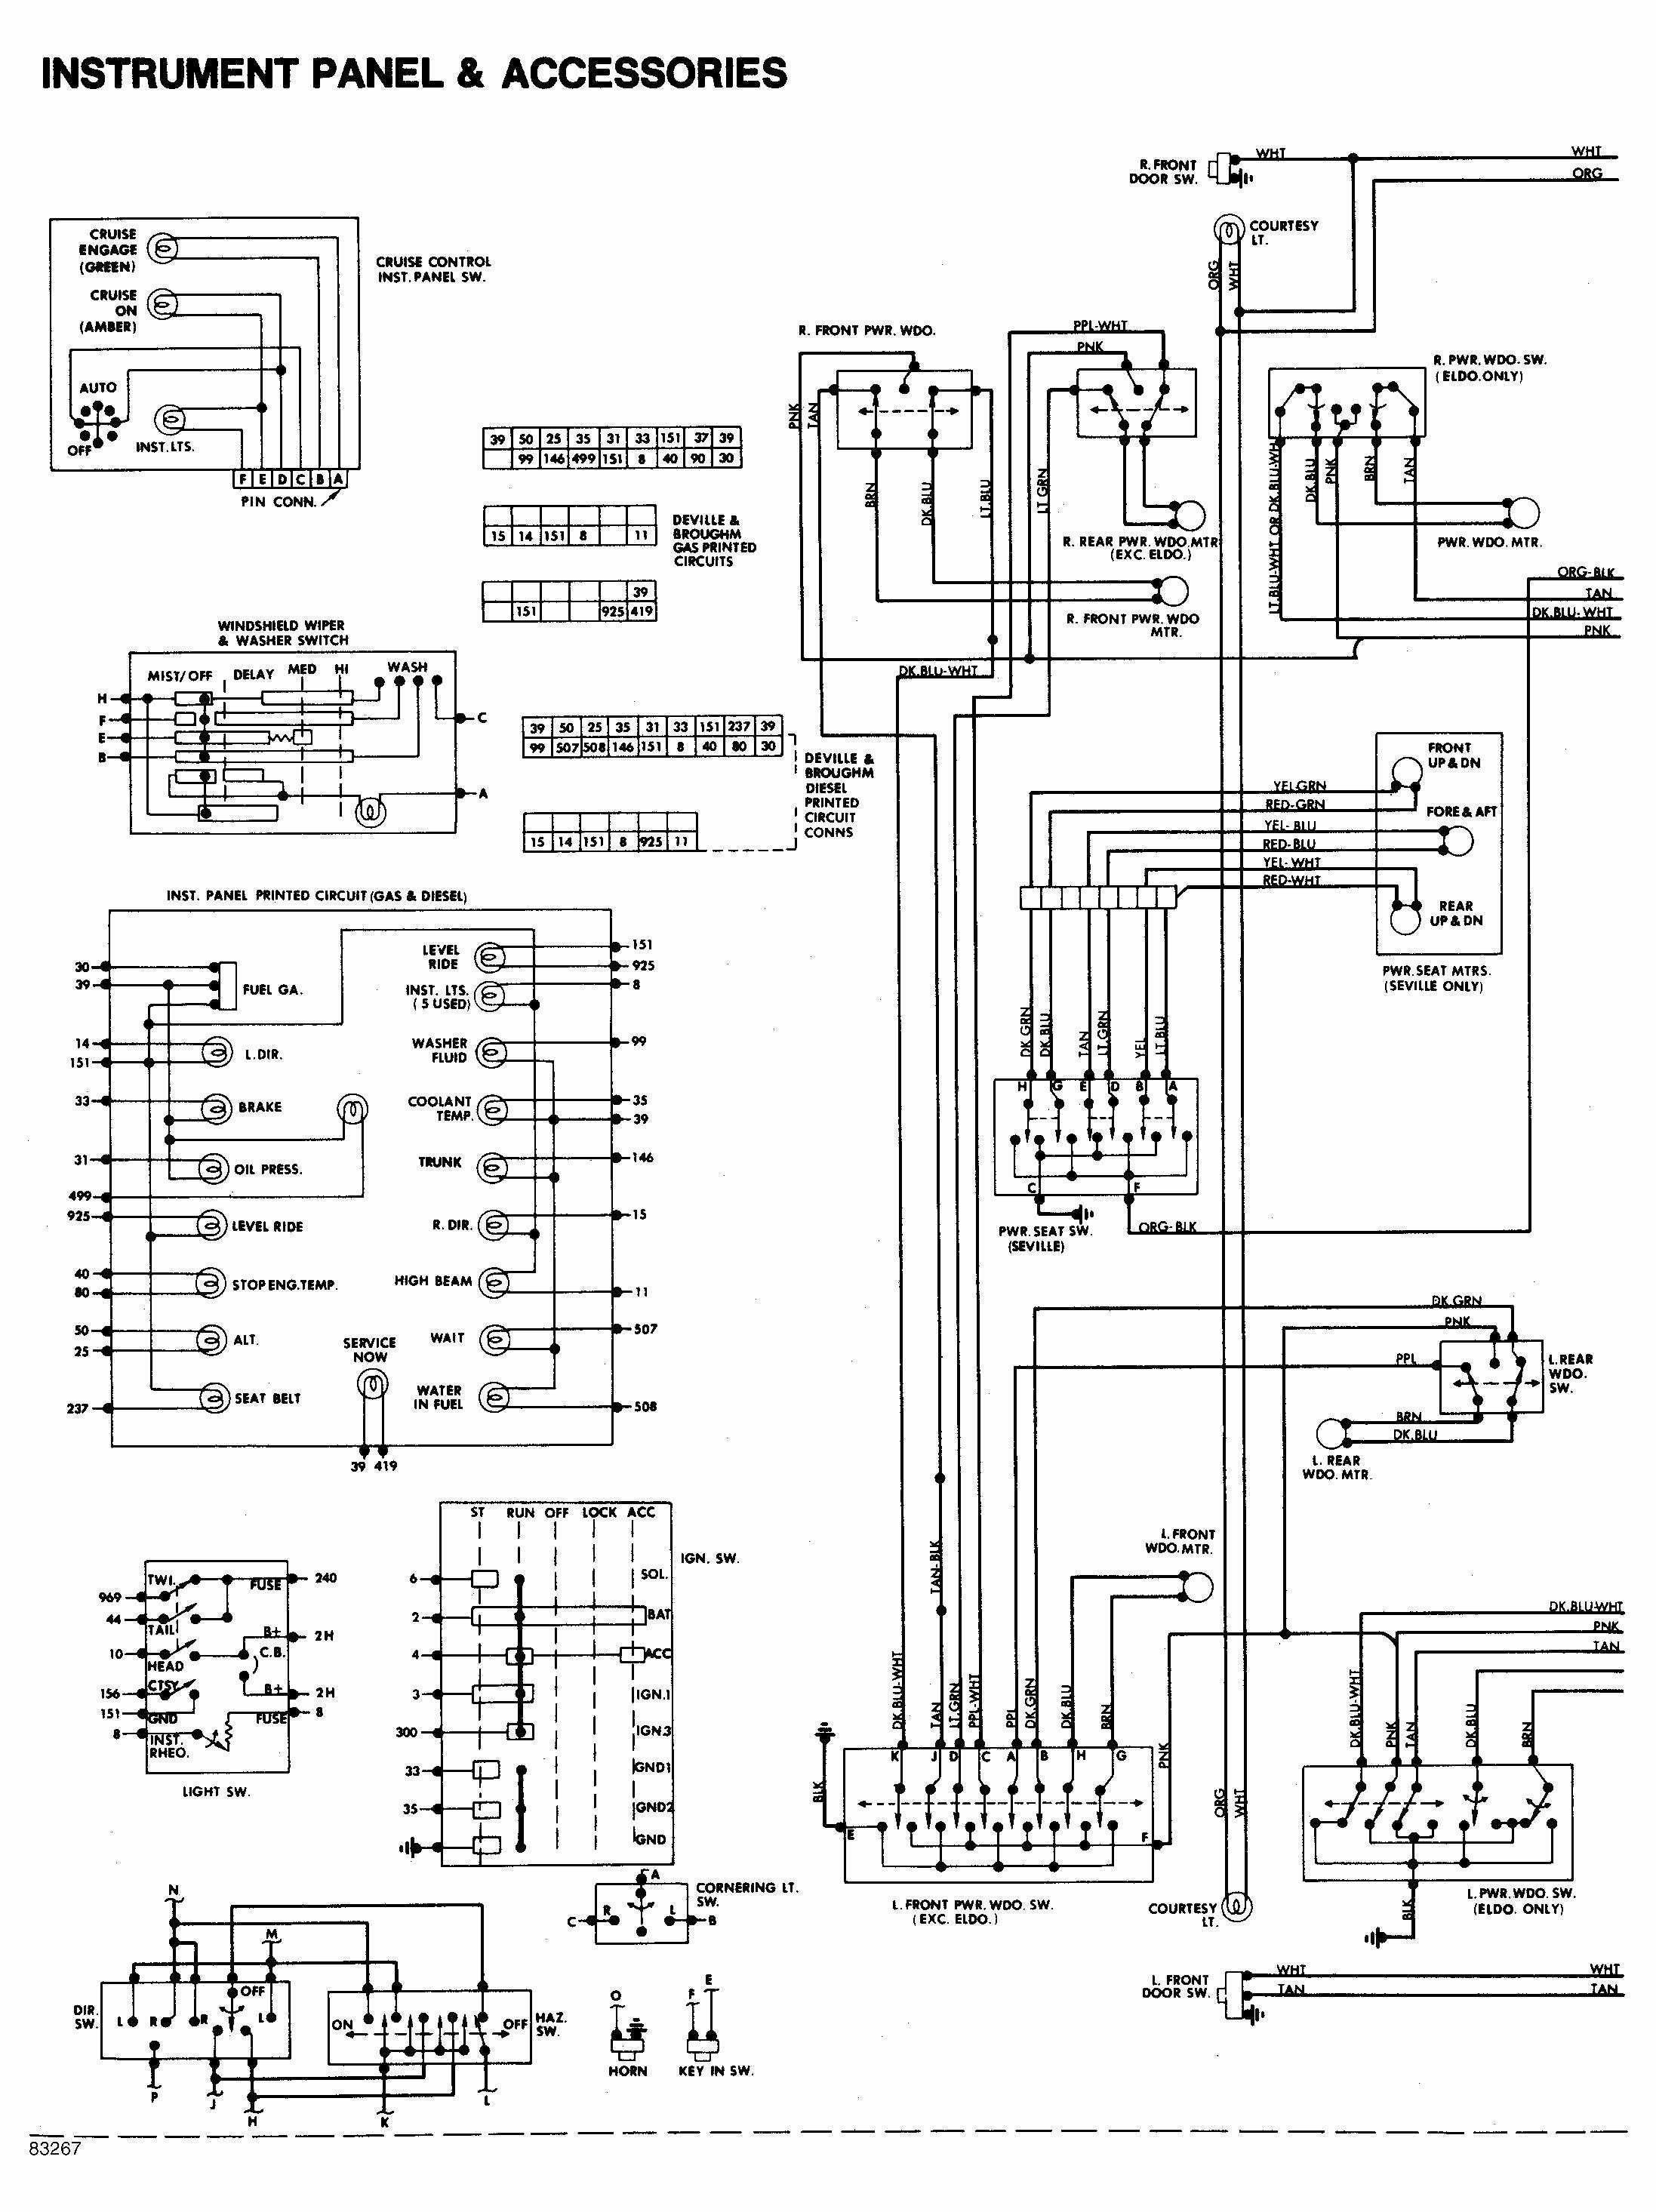 Unique Free Wiring Diagram Sample Diagram Wiringdiagram Diagramming Diagramm Visuals Visualis Electrical Wiring Diagram Electrical Diagram Diagram Design